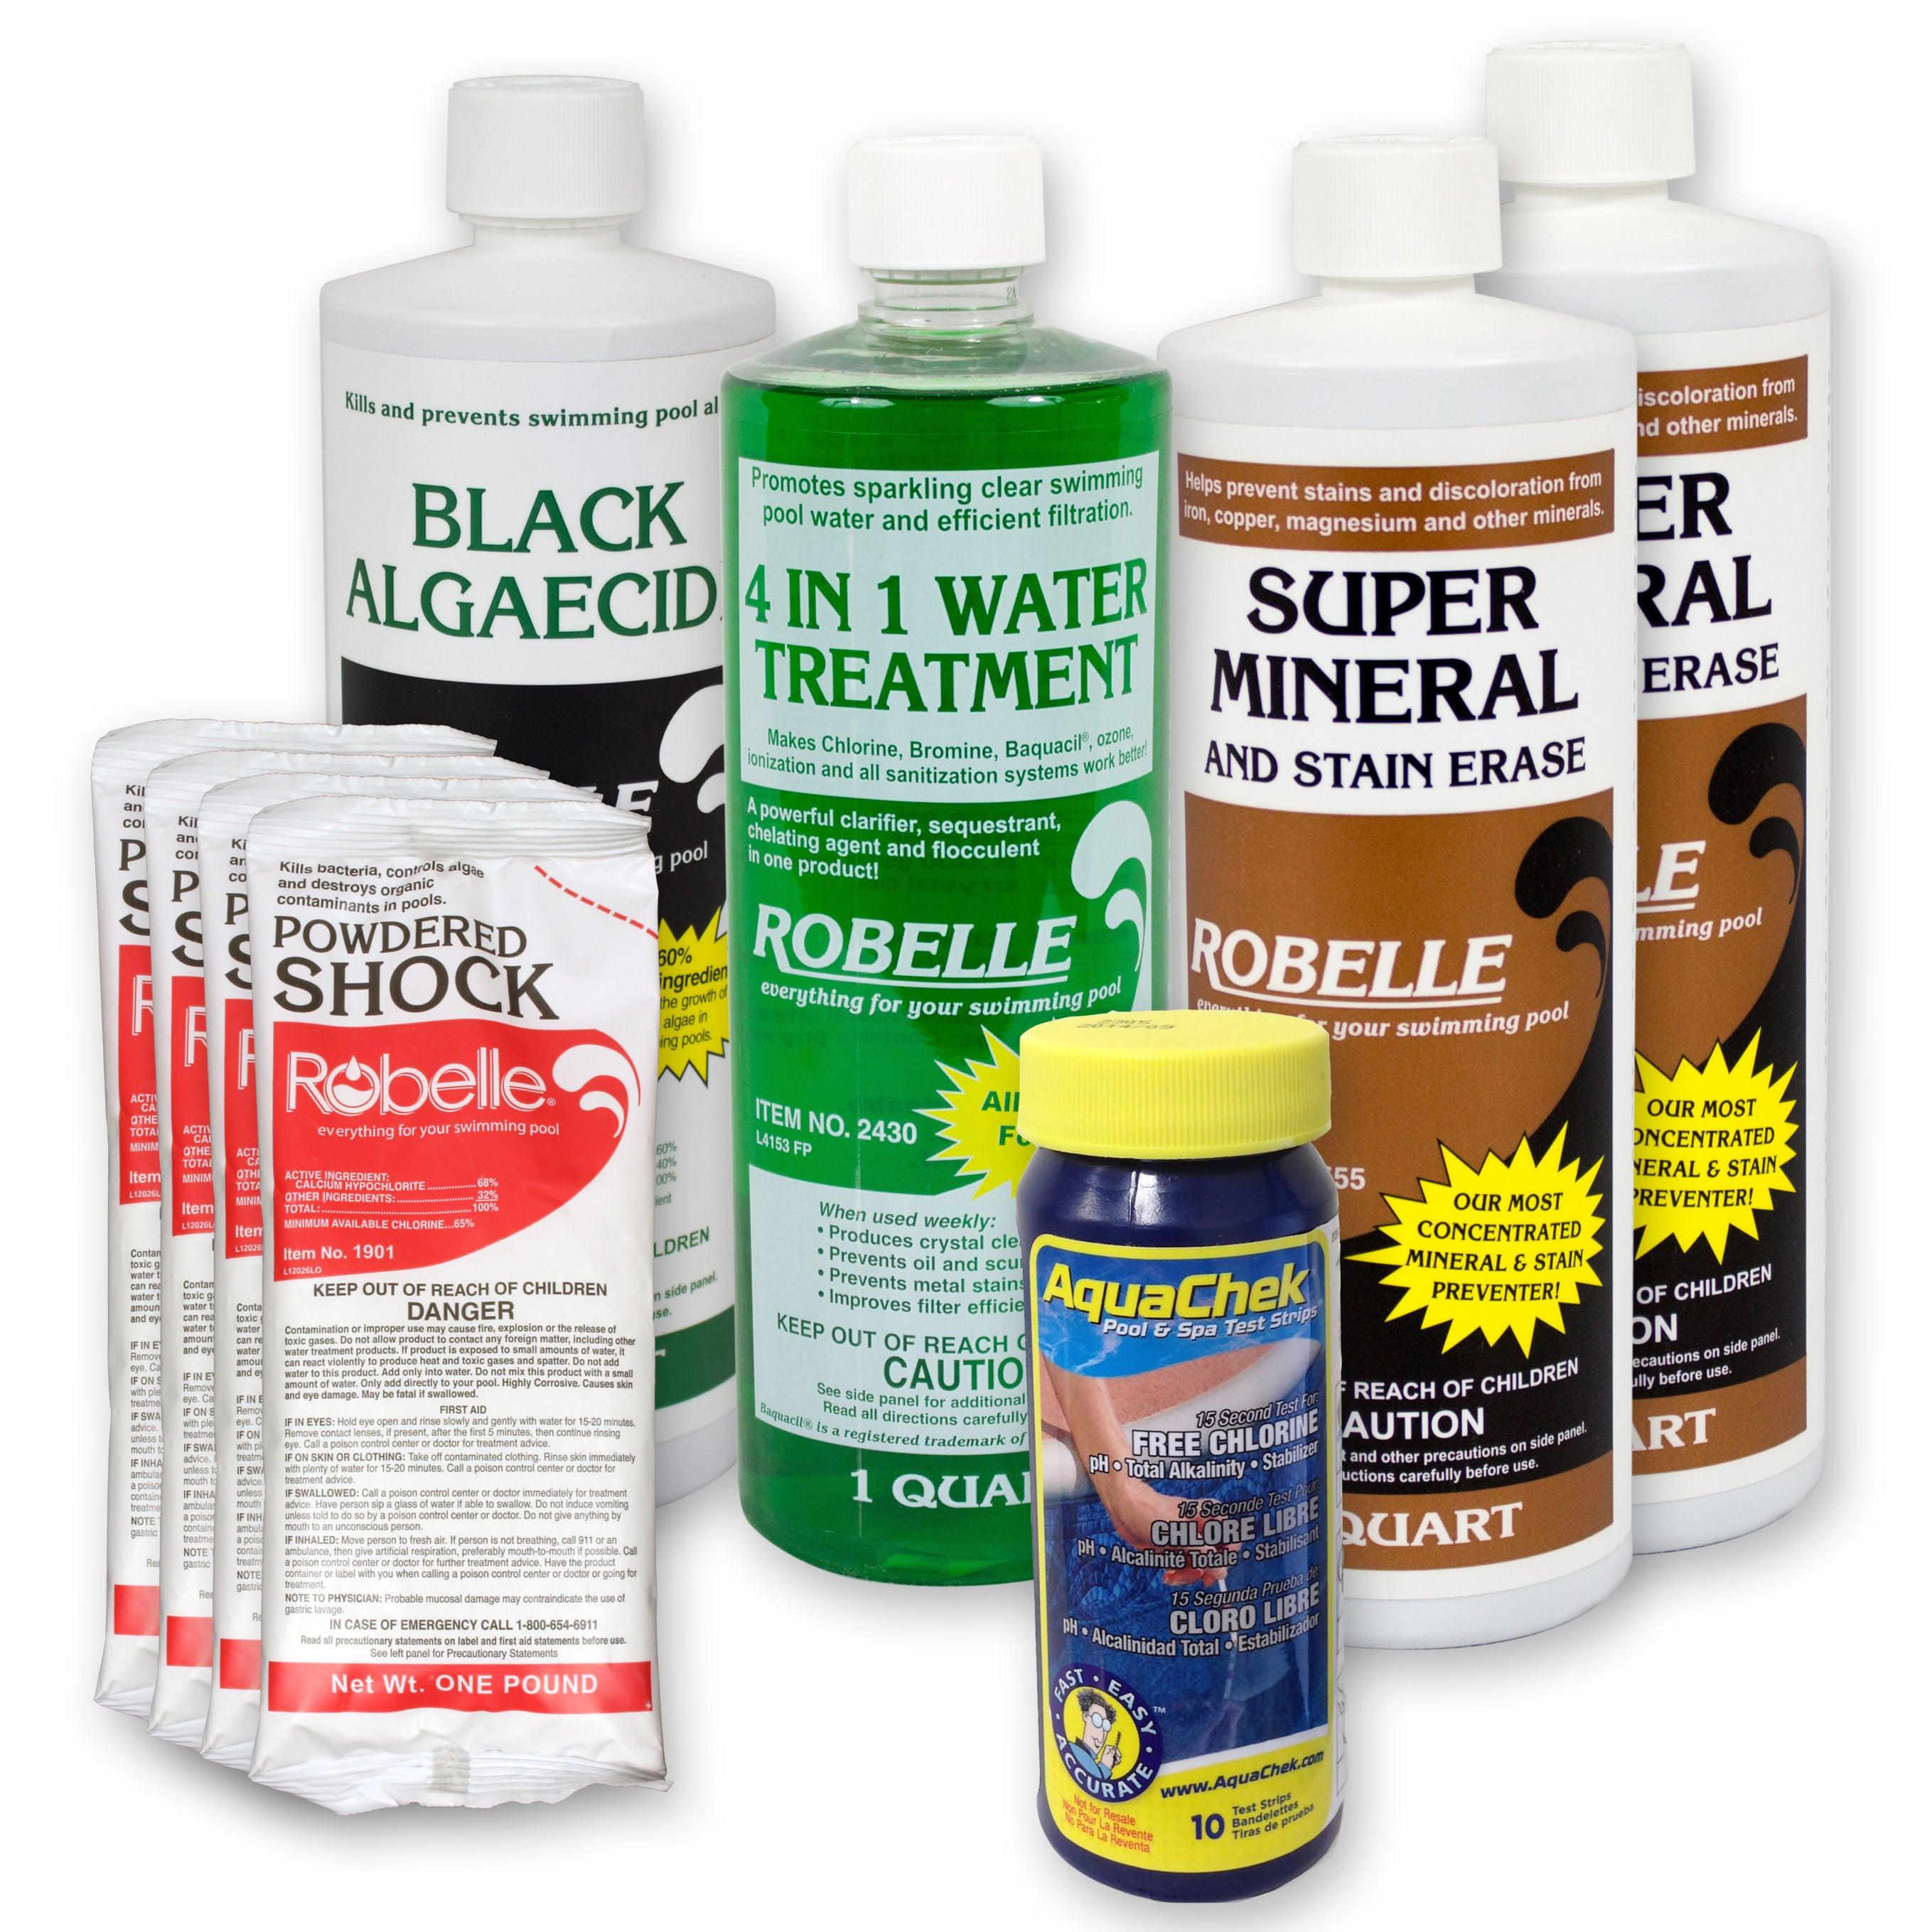 Robelle Swimming Pool Spring Start Up Kit Overstock Shopping The Best Prices On Robelle Pool